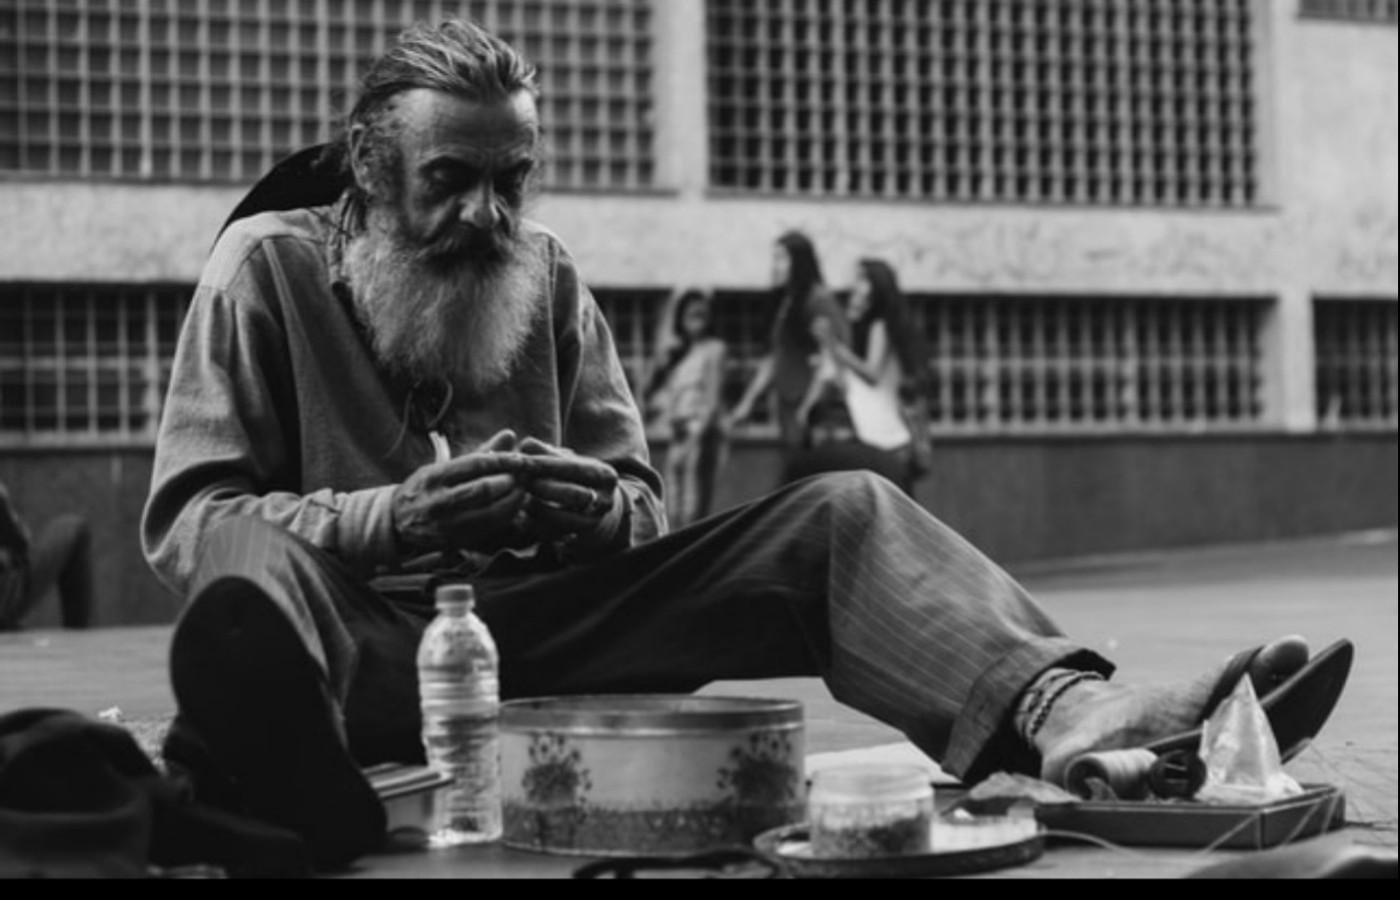 bildung360 Homeless- Obdachlosigkeit zu Zeiten von Corona